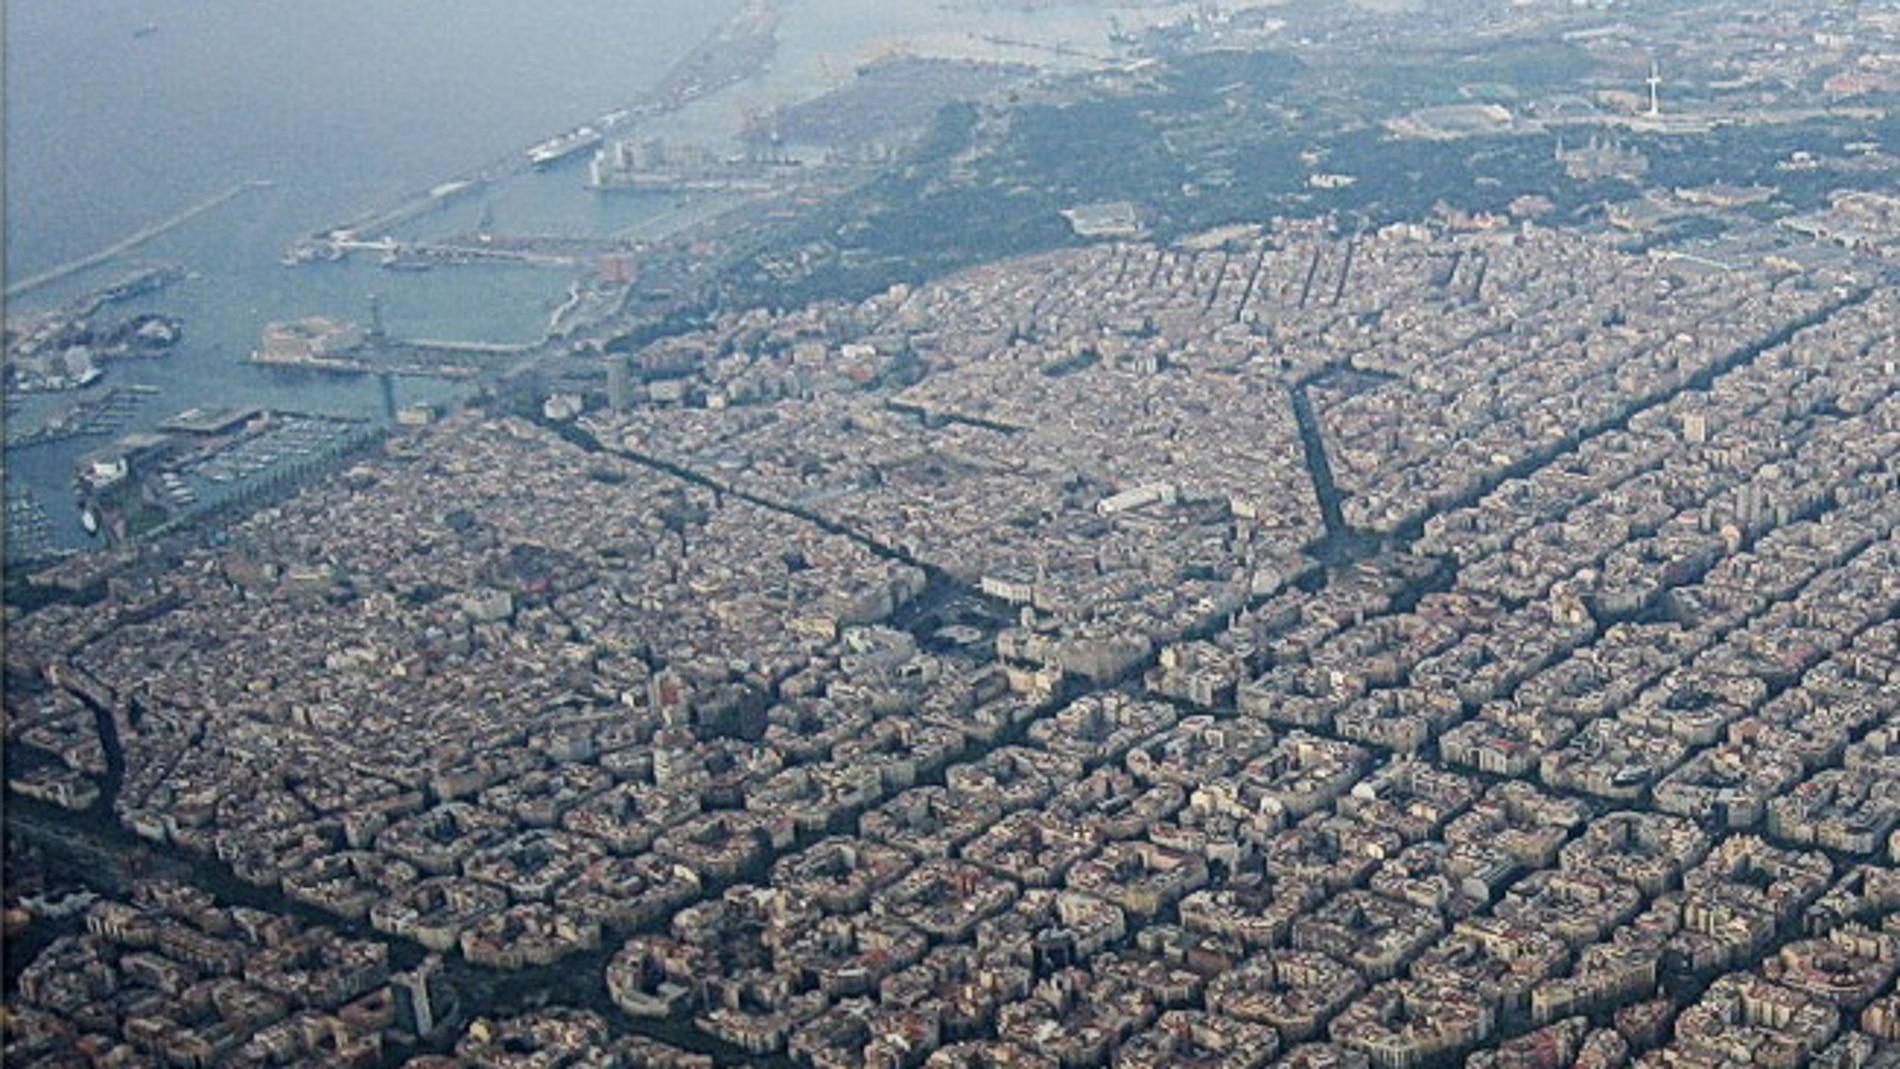 Vista aérea del eixample de Barcelona